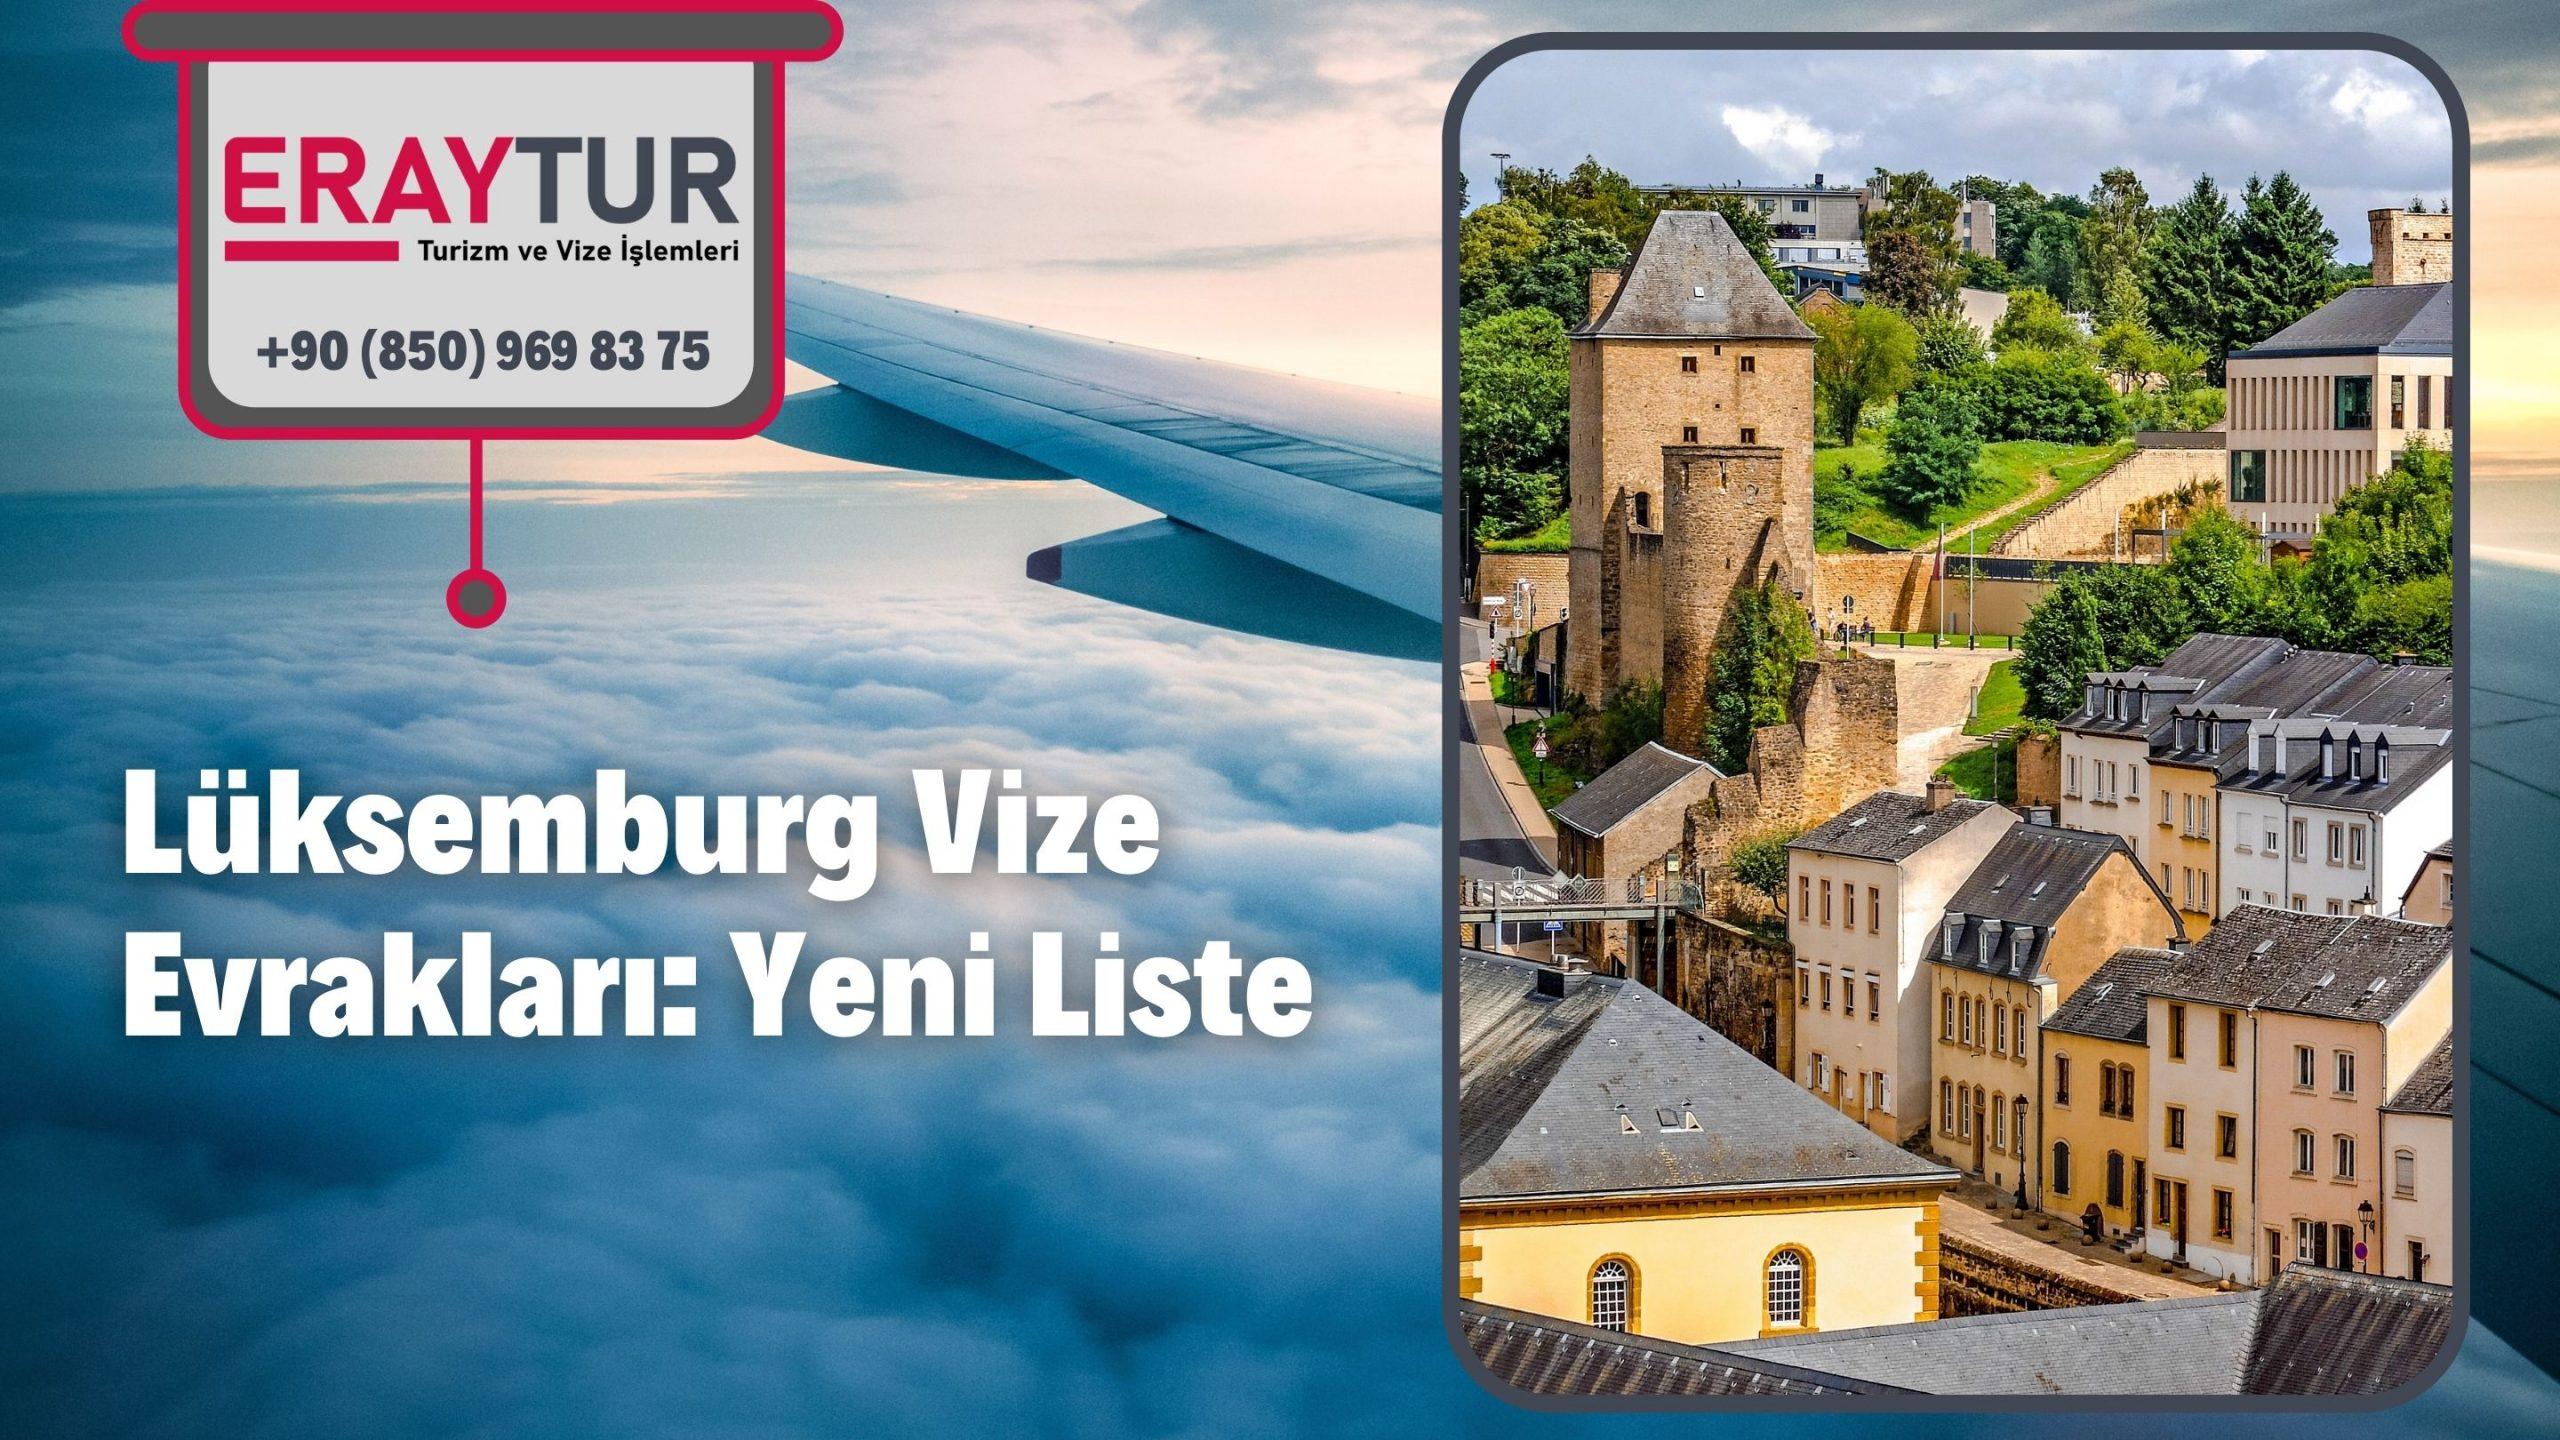 Lüksemburg Vize Evrakları: Yeni Liste [2021]